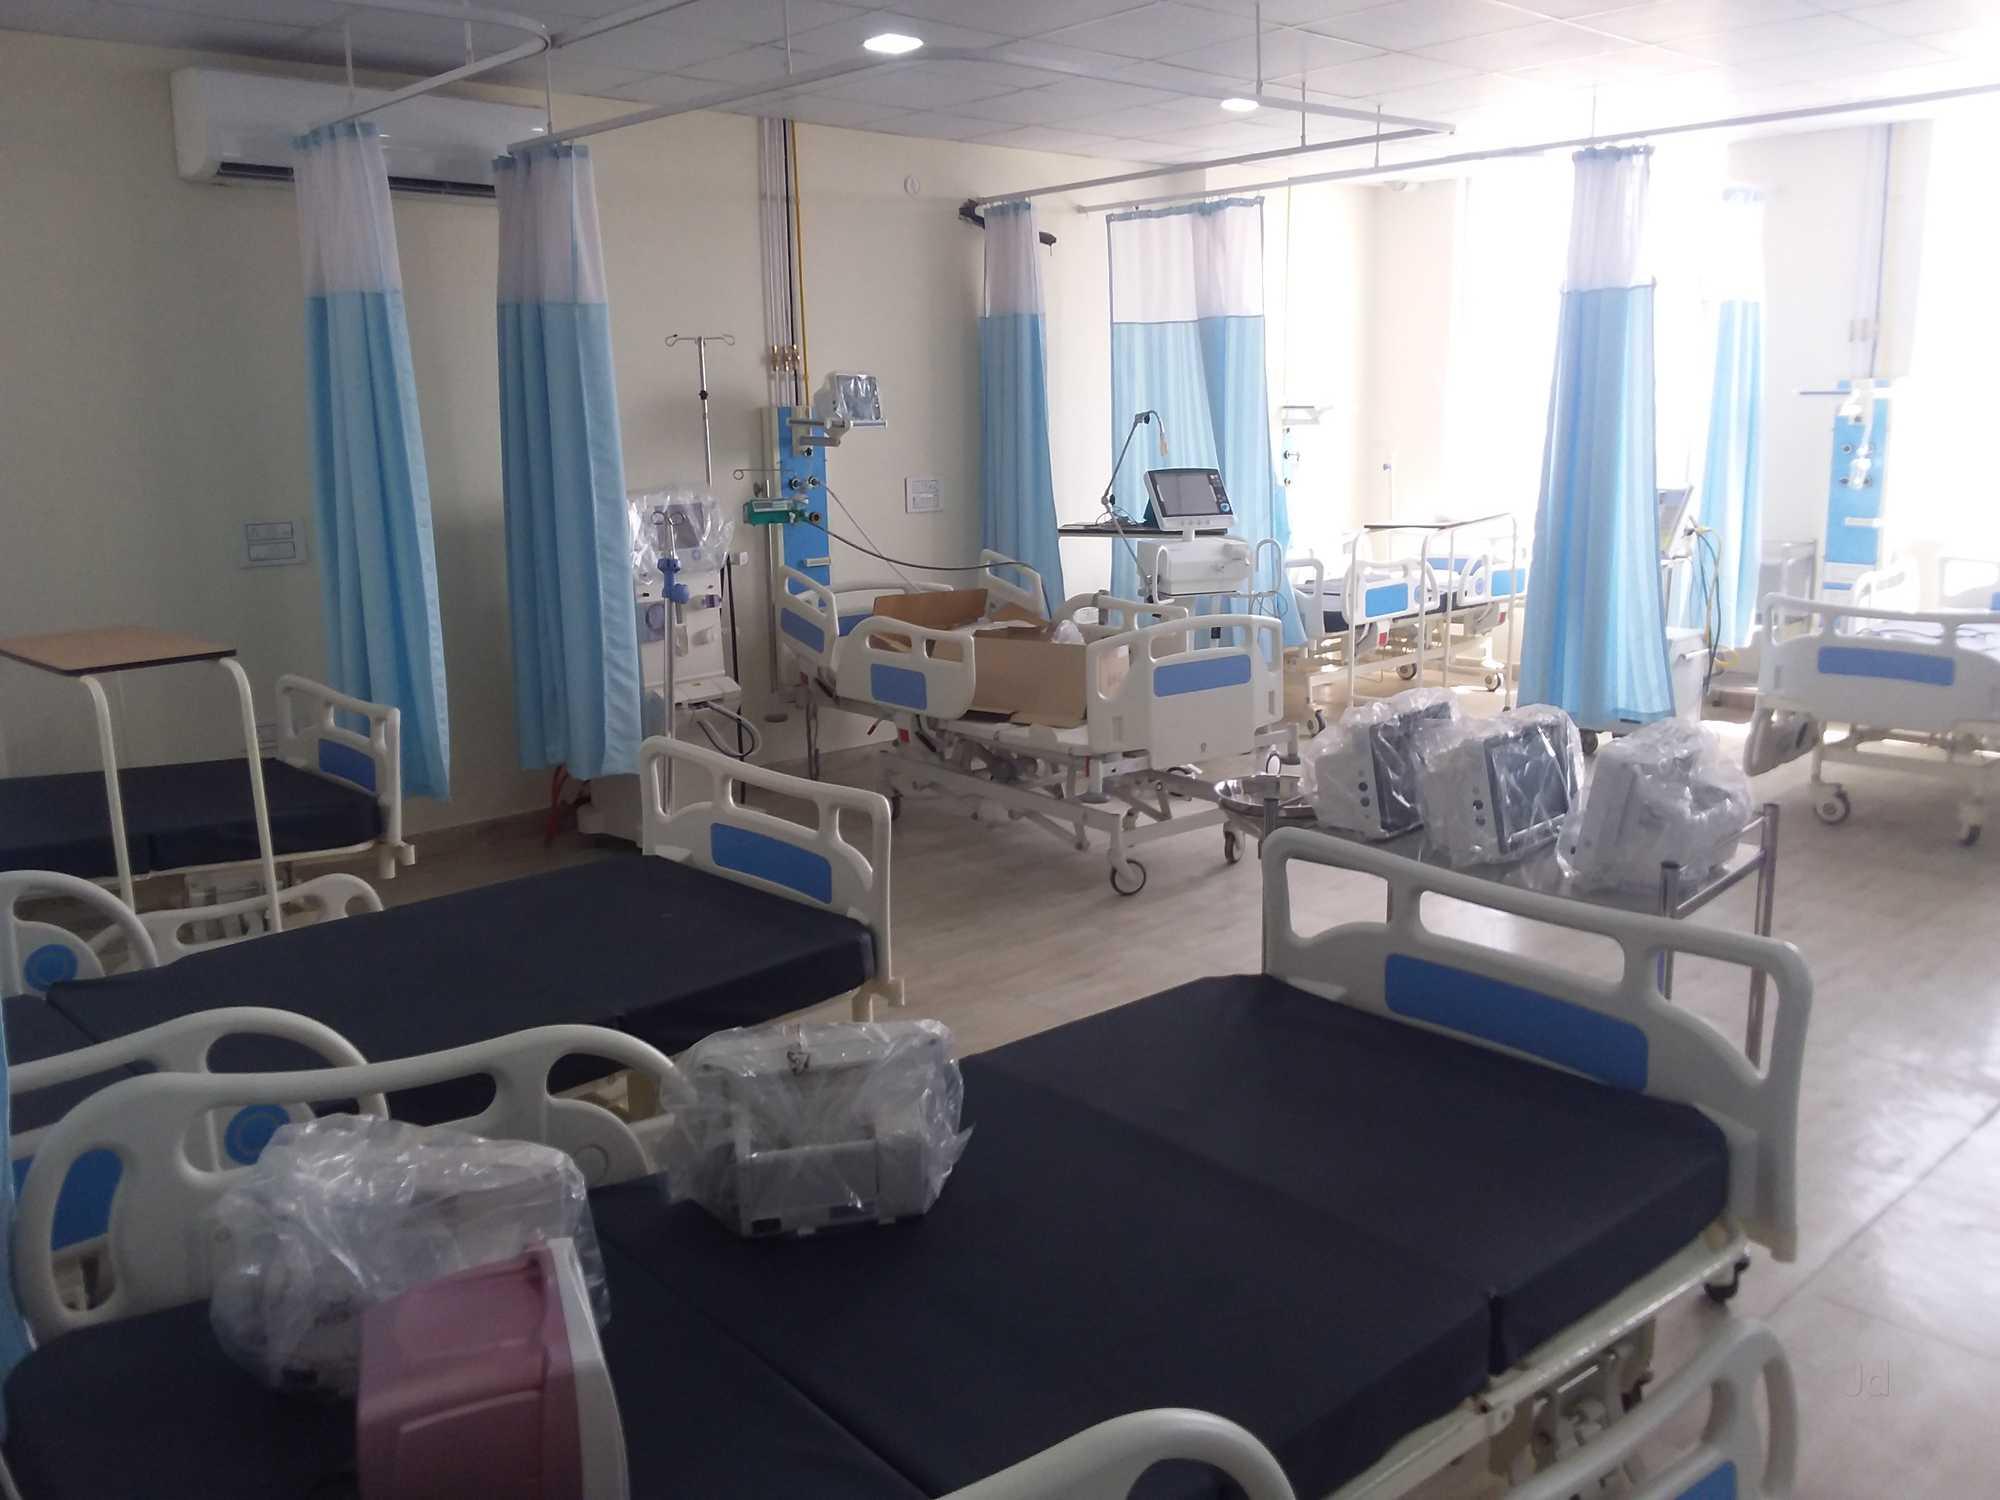 Prem Hospital